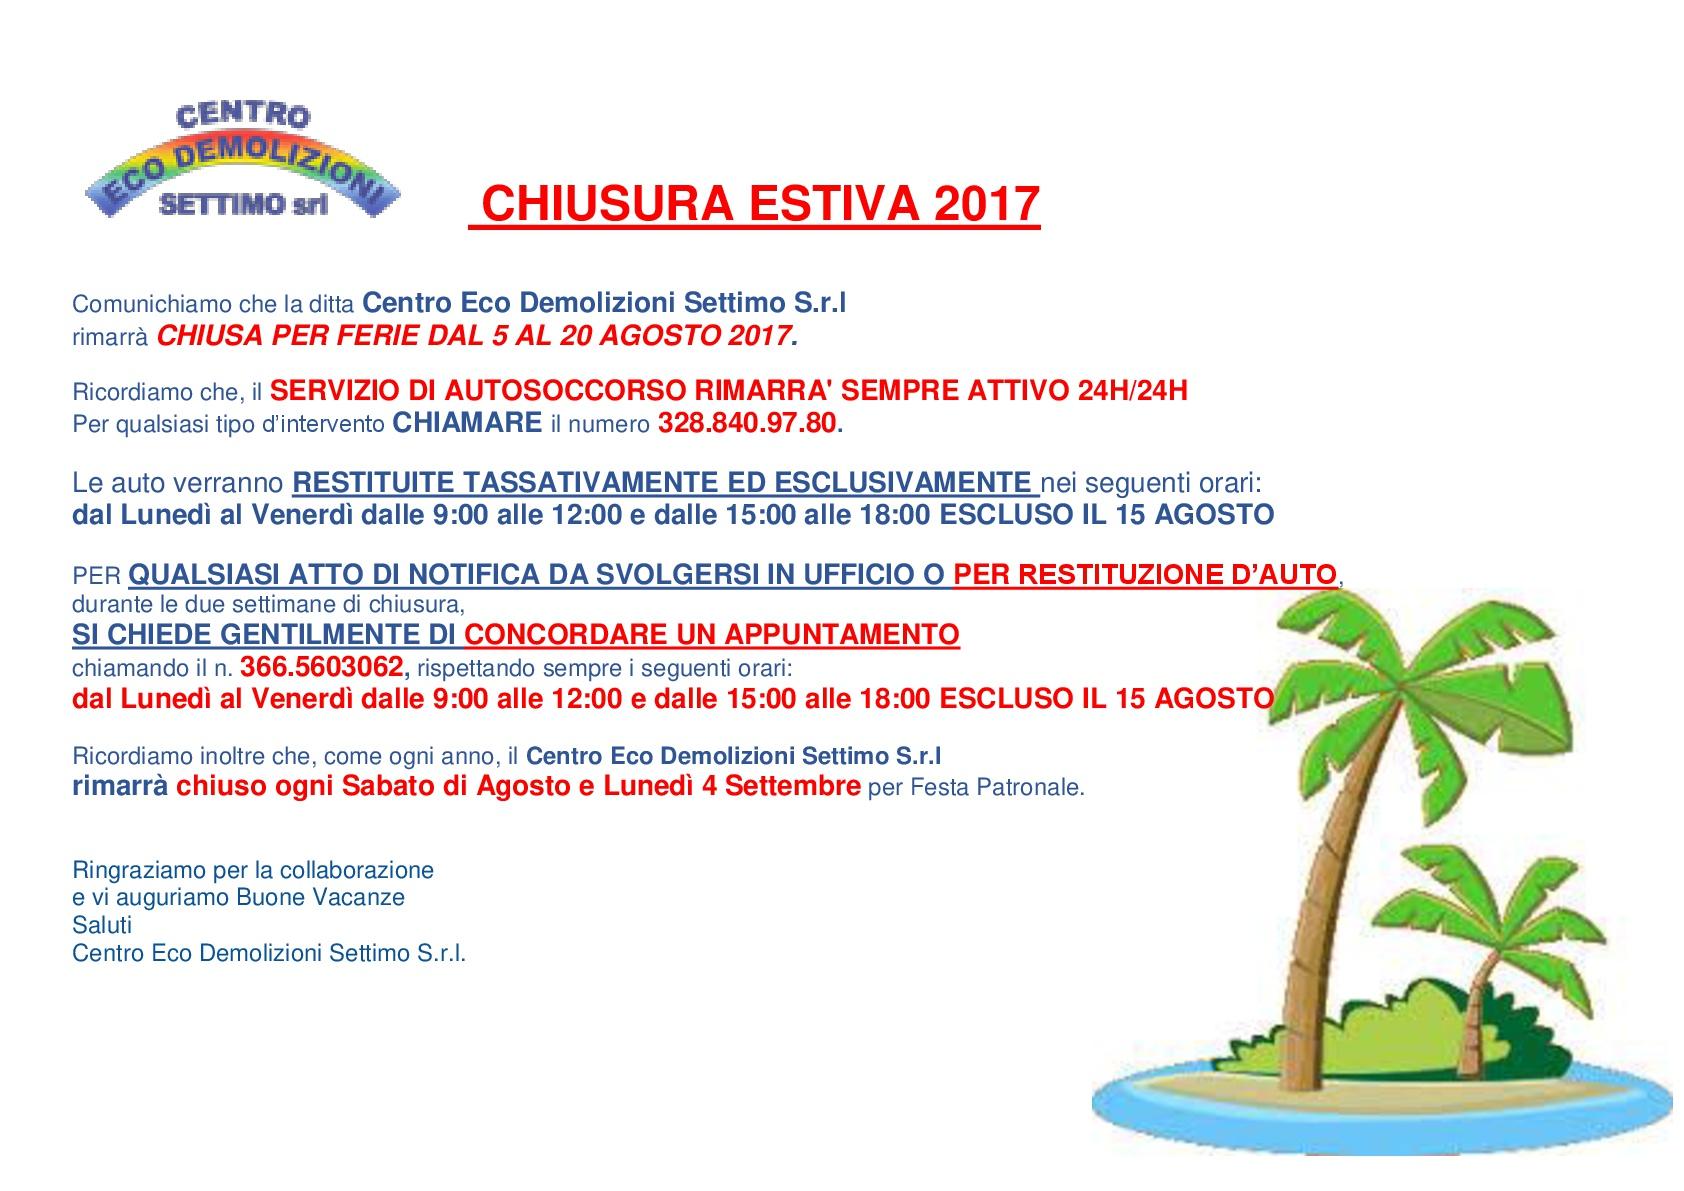 CHIUSURA ESTATE 2017-001